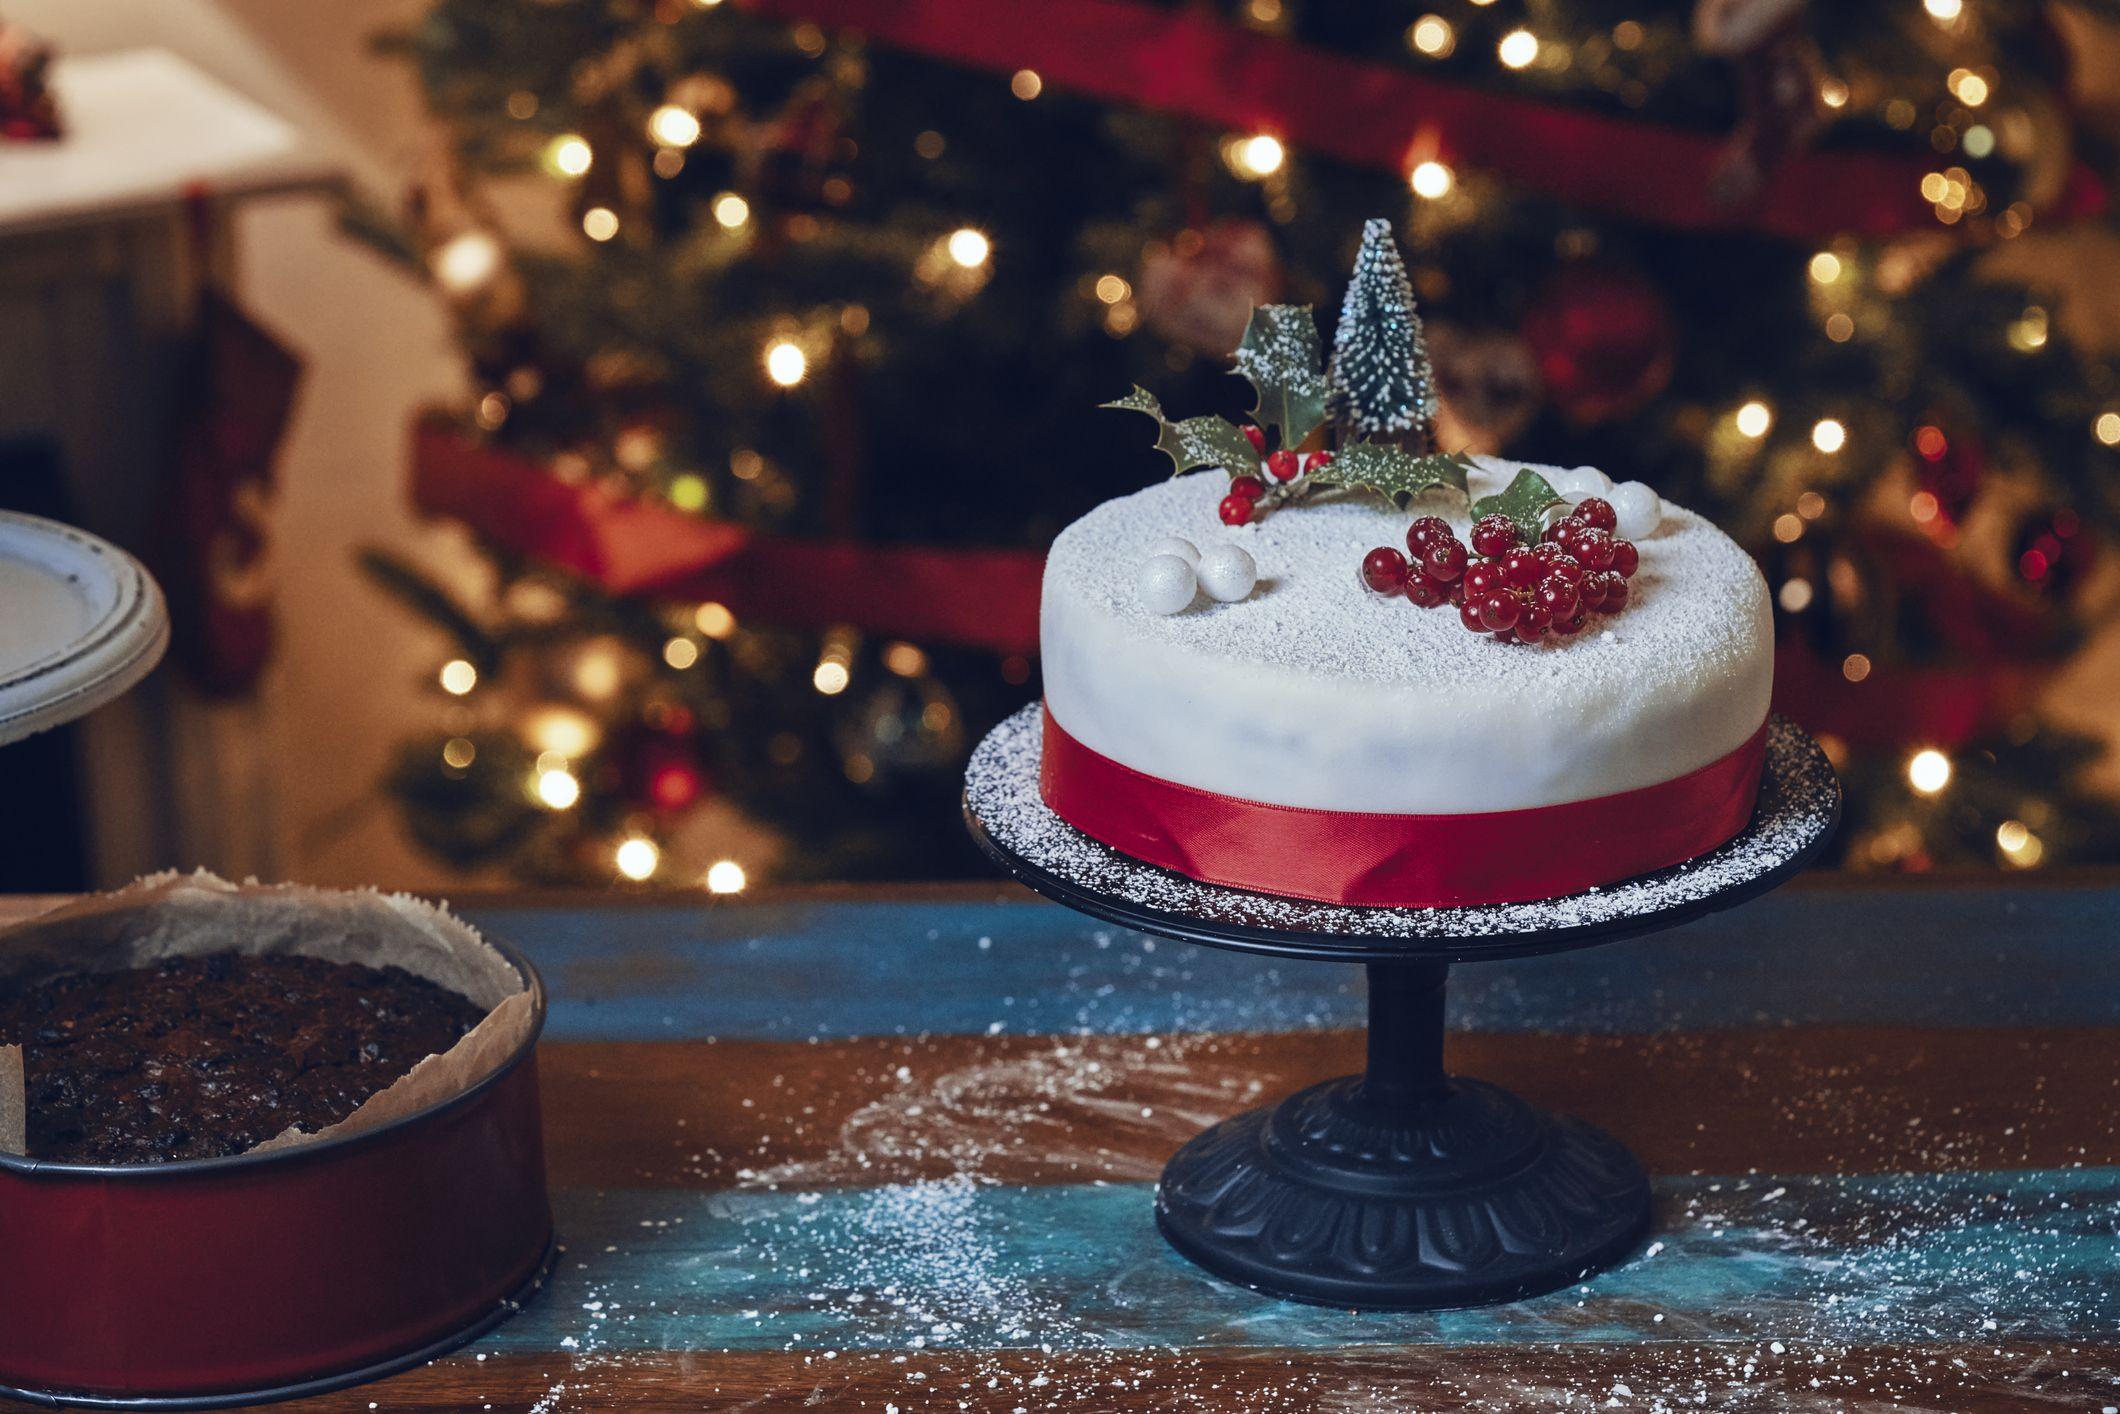 Best Christmas Cakes 2021 Best Christmas Cake For 2020